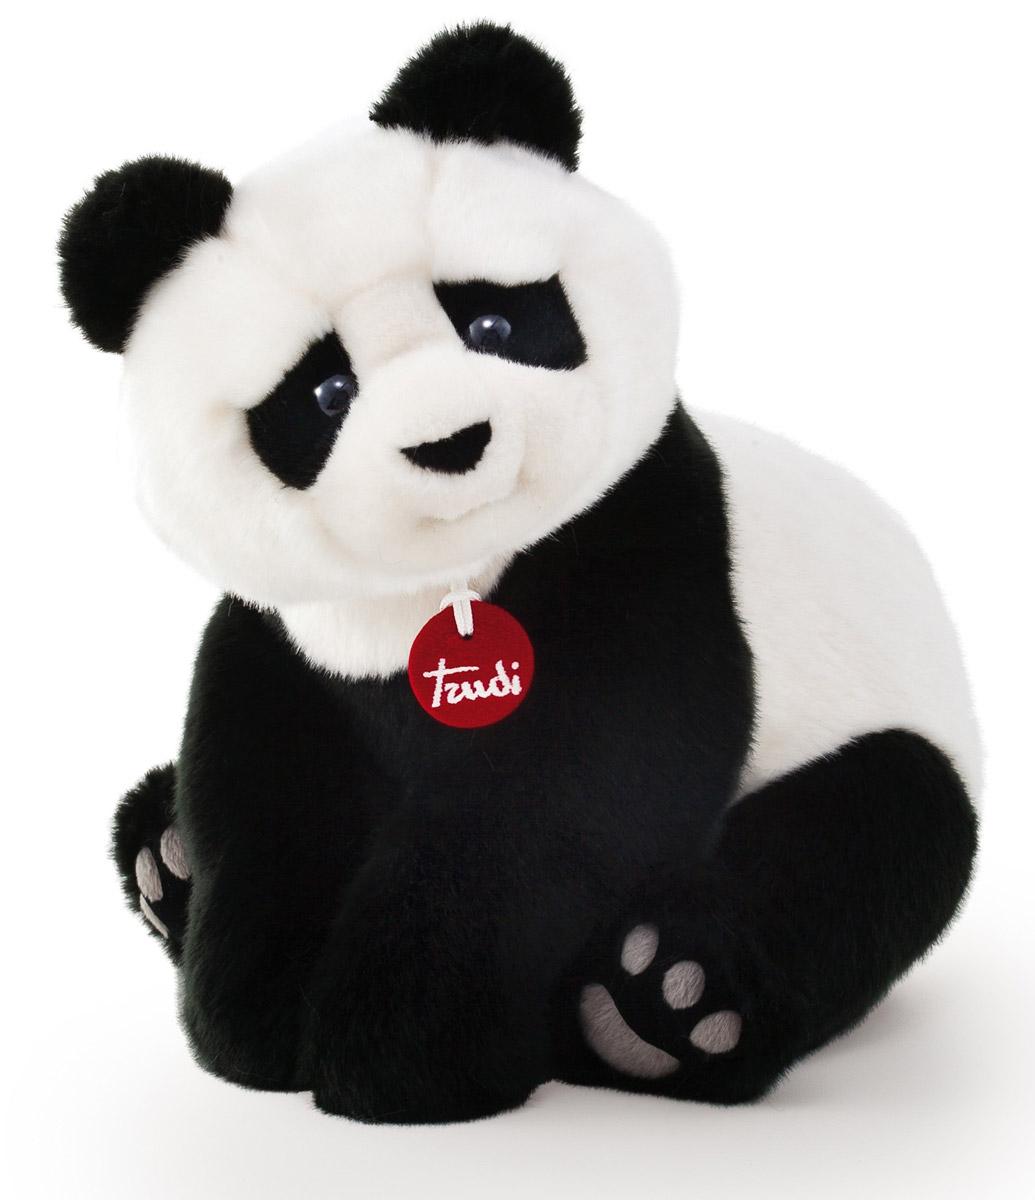 Trudi Мягкая игрушка Панда Кевин сидячая 34 см мягкие игрушки trudi лайка маркус 34 см